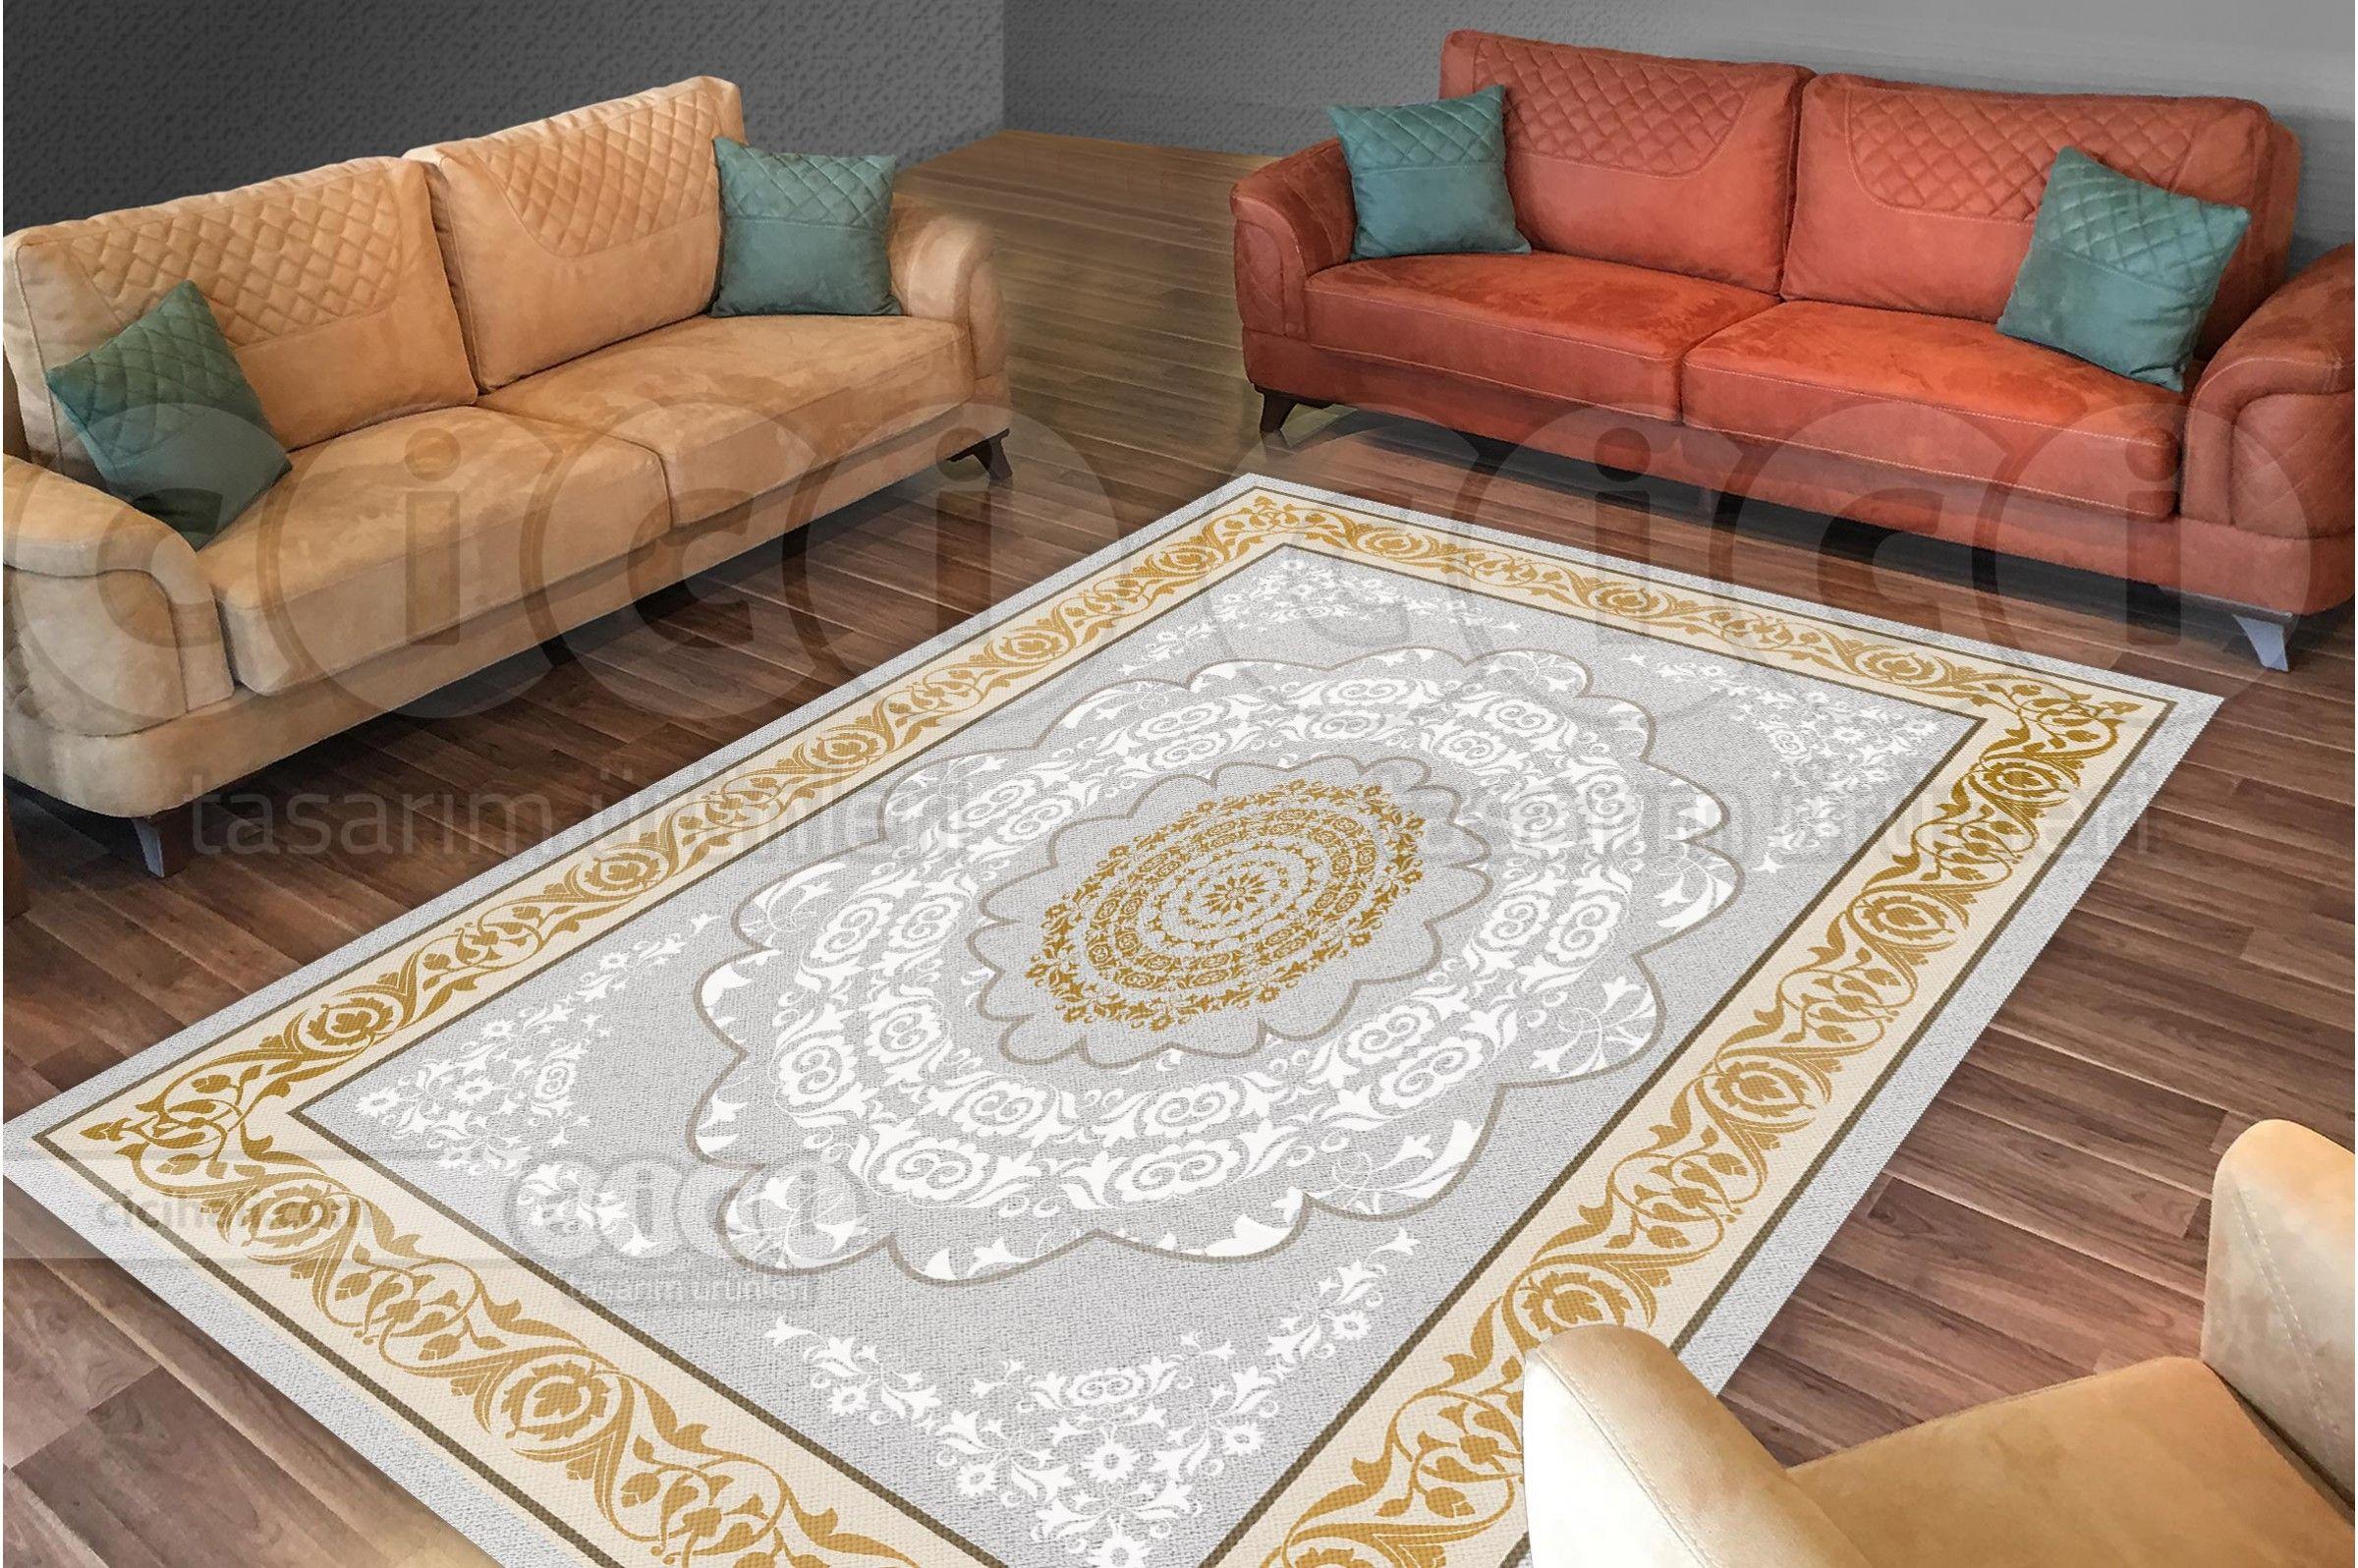 Osmanli Desenli Klasik Hali Gorunumlu Hali Ortusu Hali Nevresimi Rugs Decor Home Decor